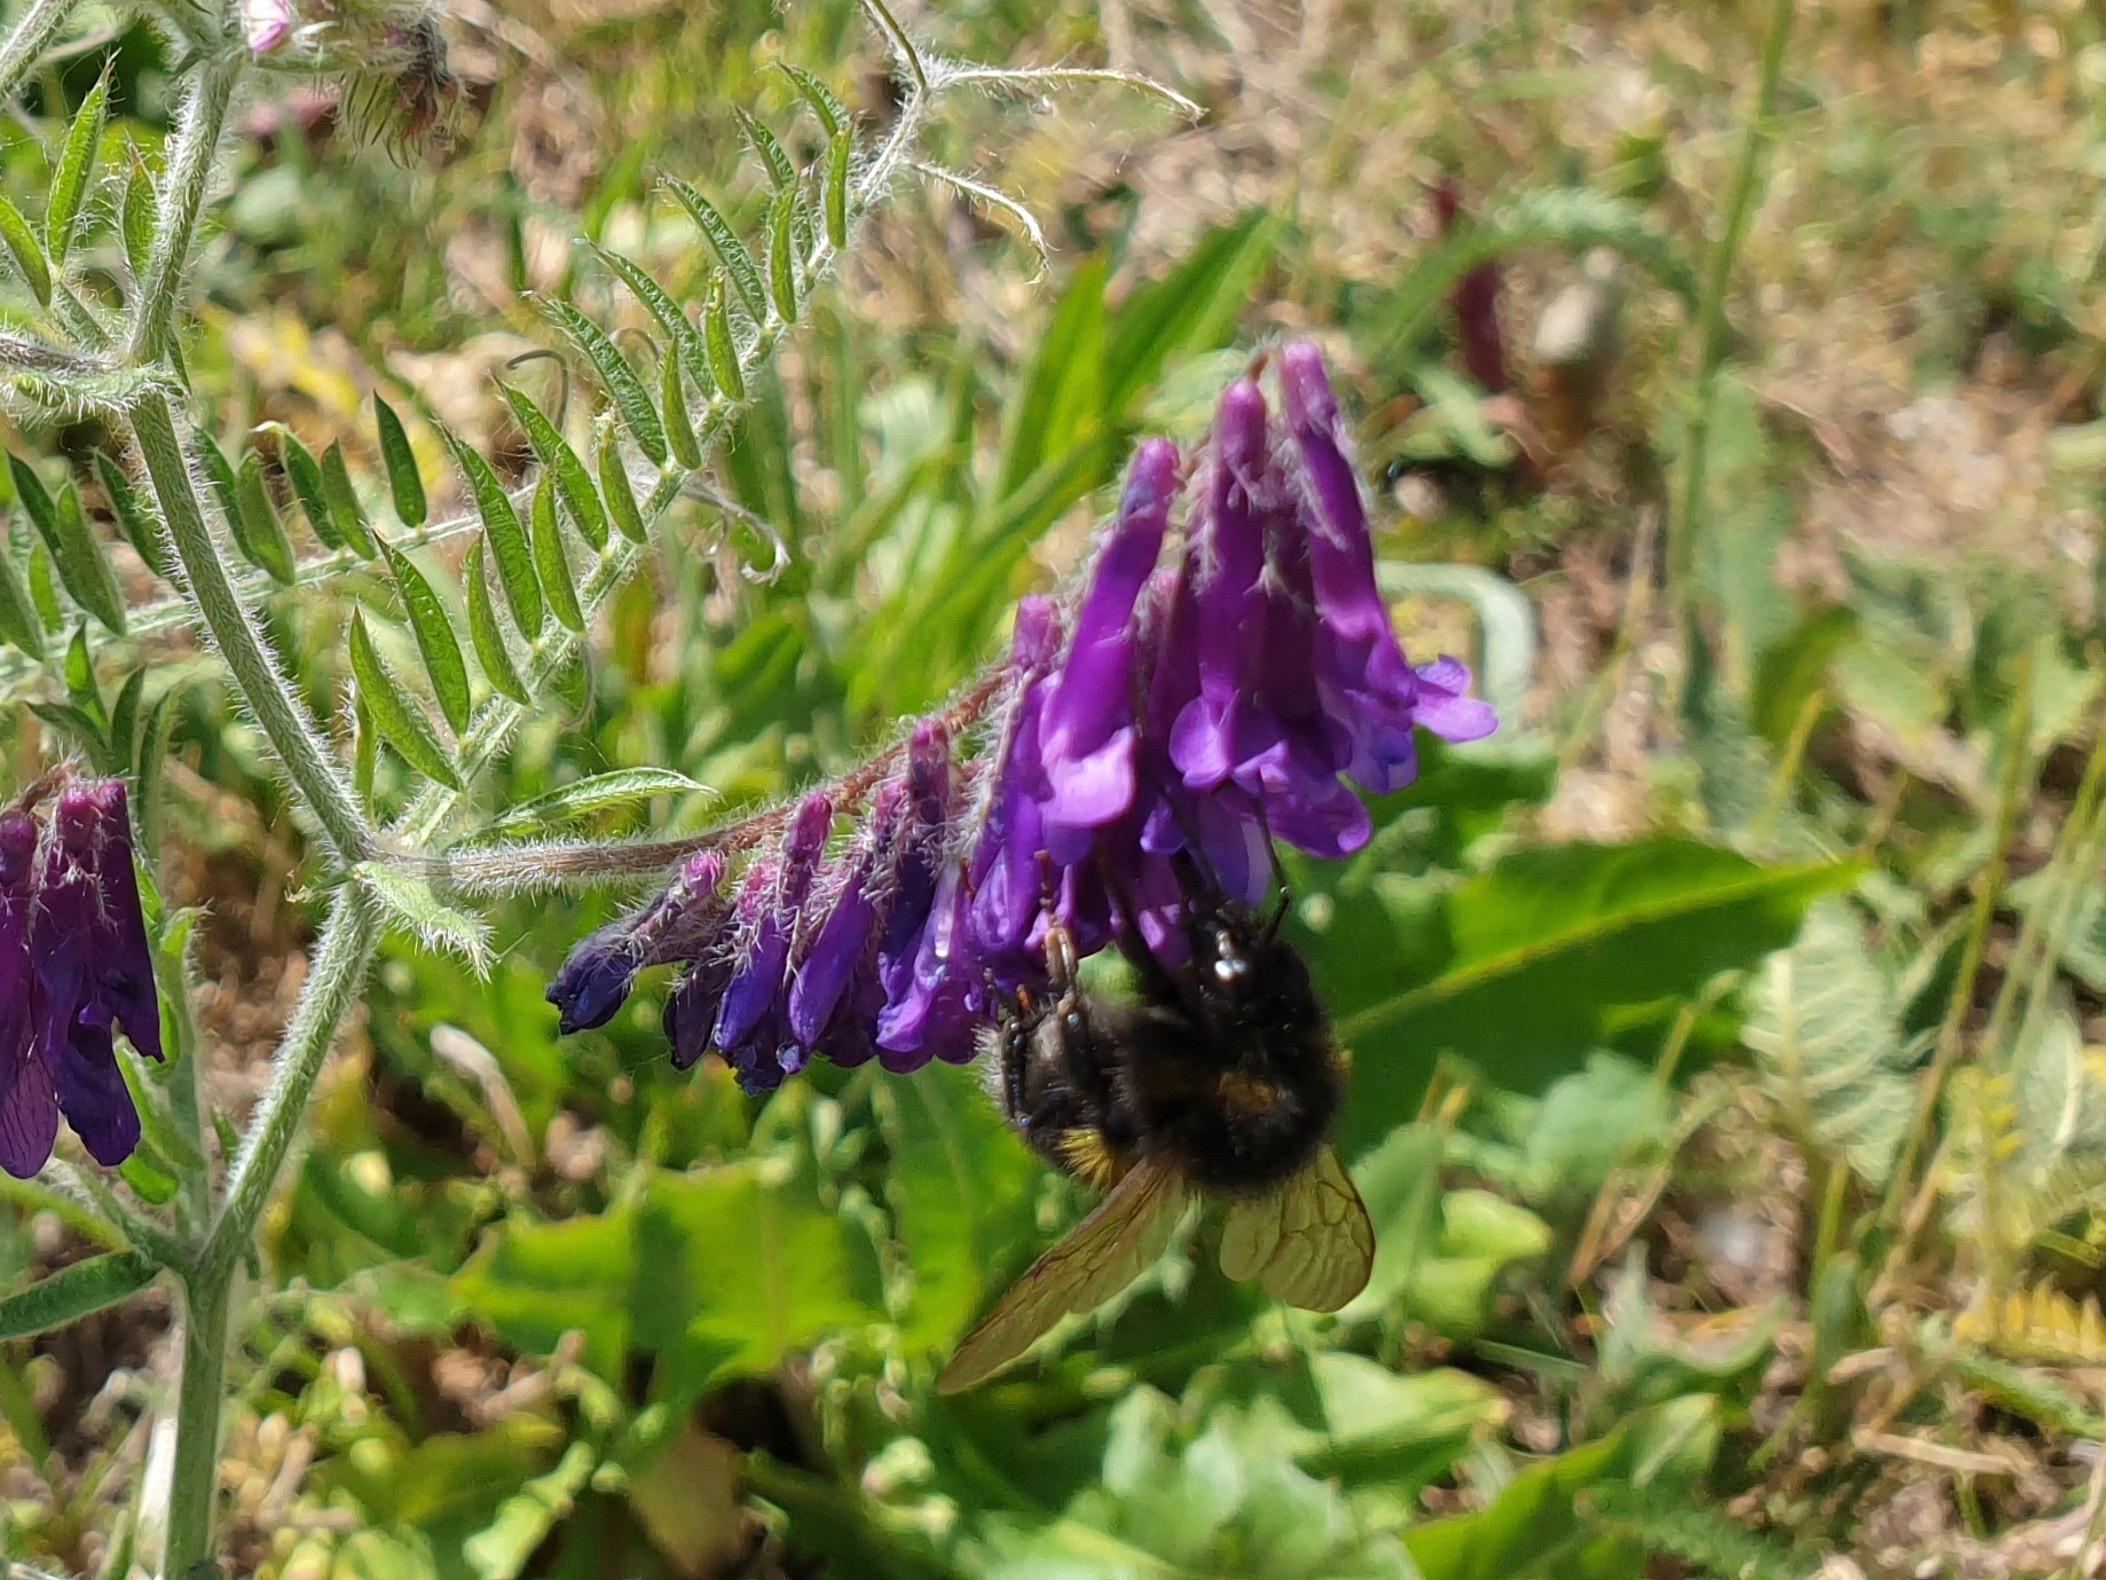 Biene an Zottel-Wicke (Vicia villosa)